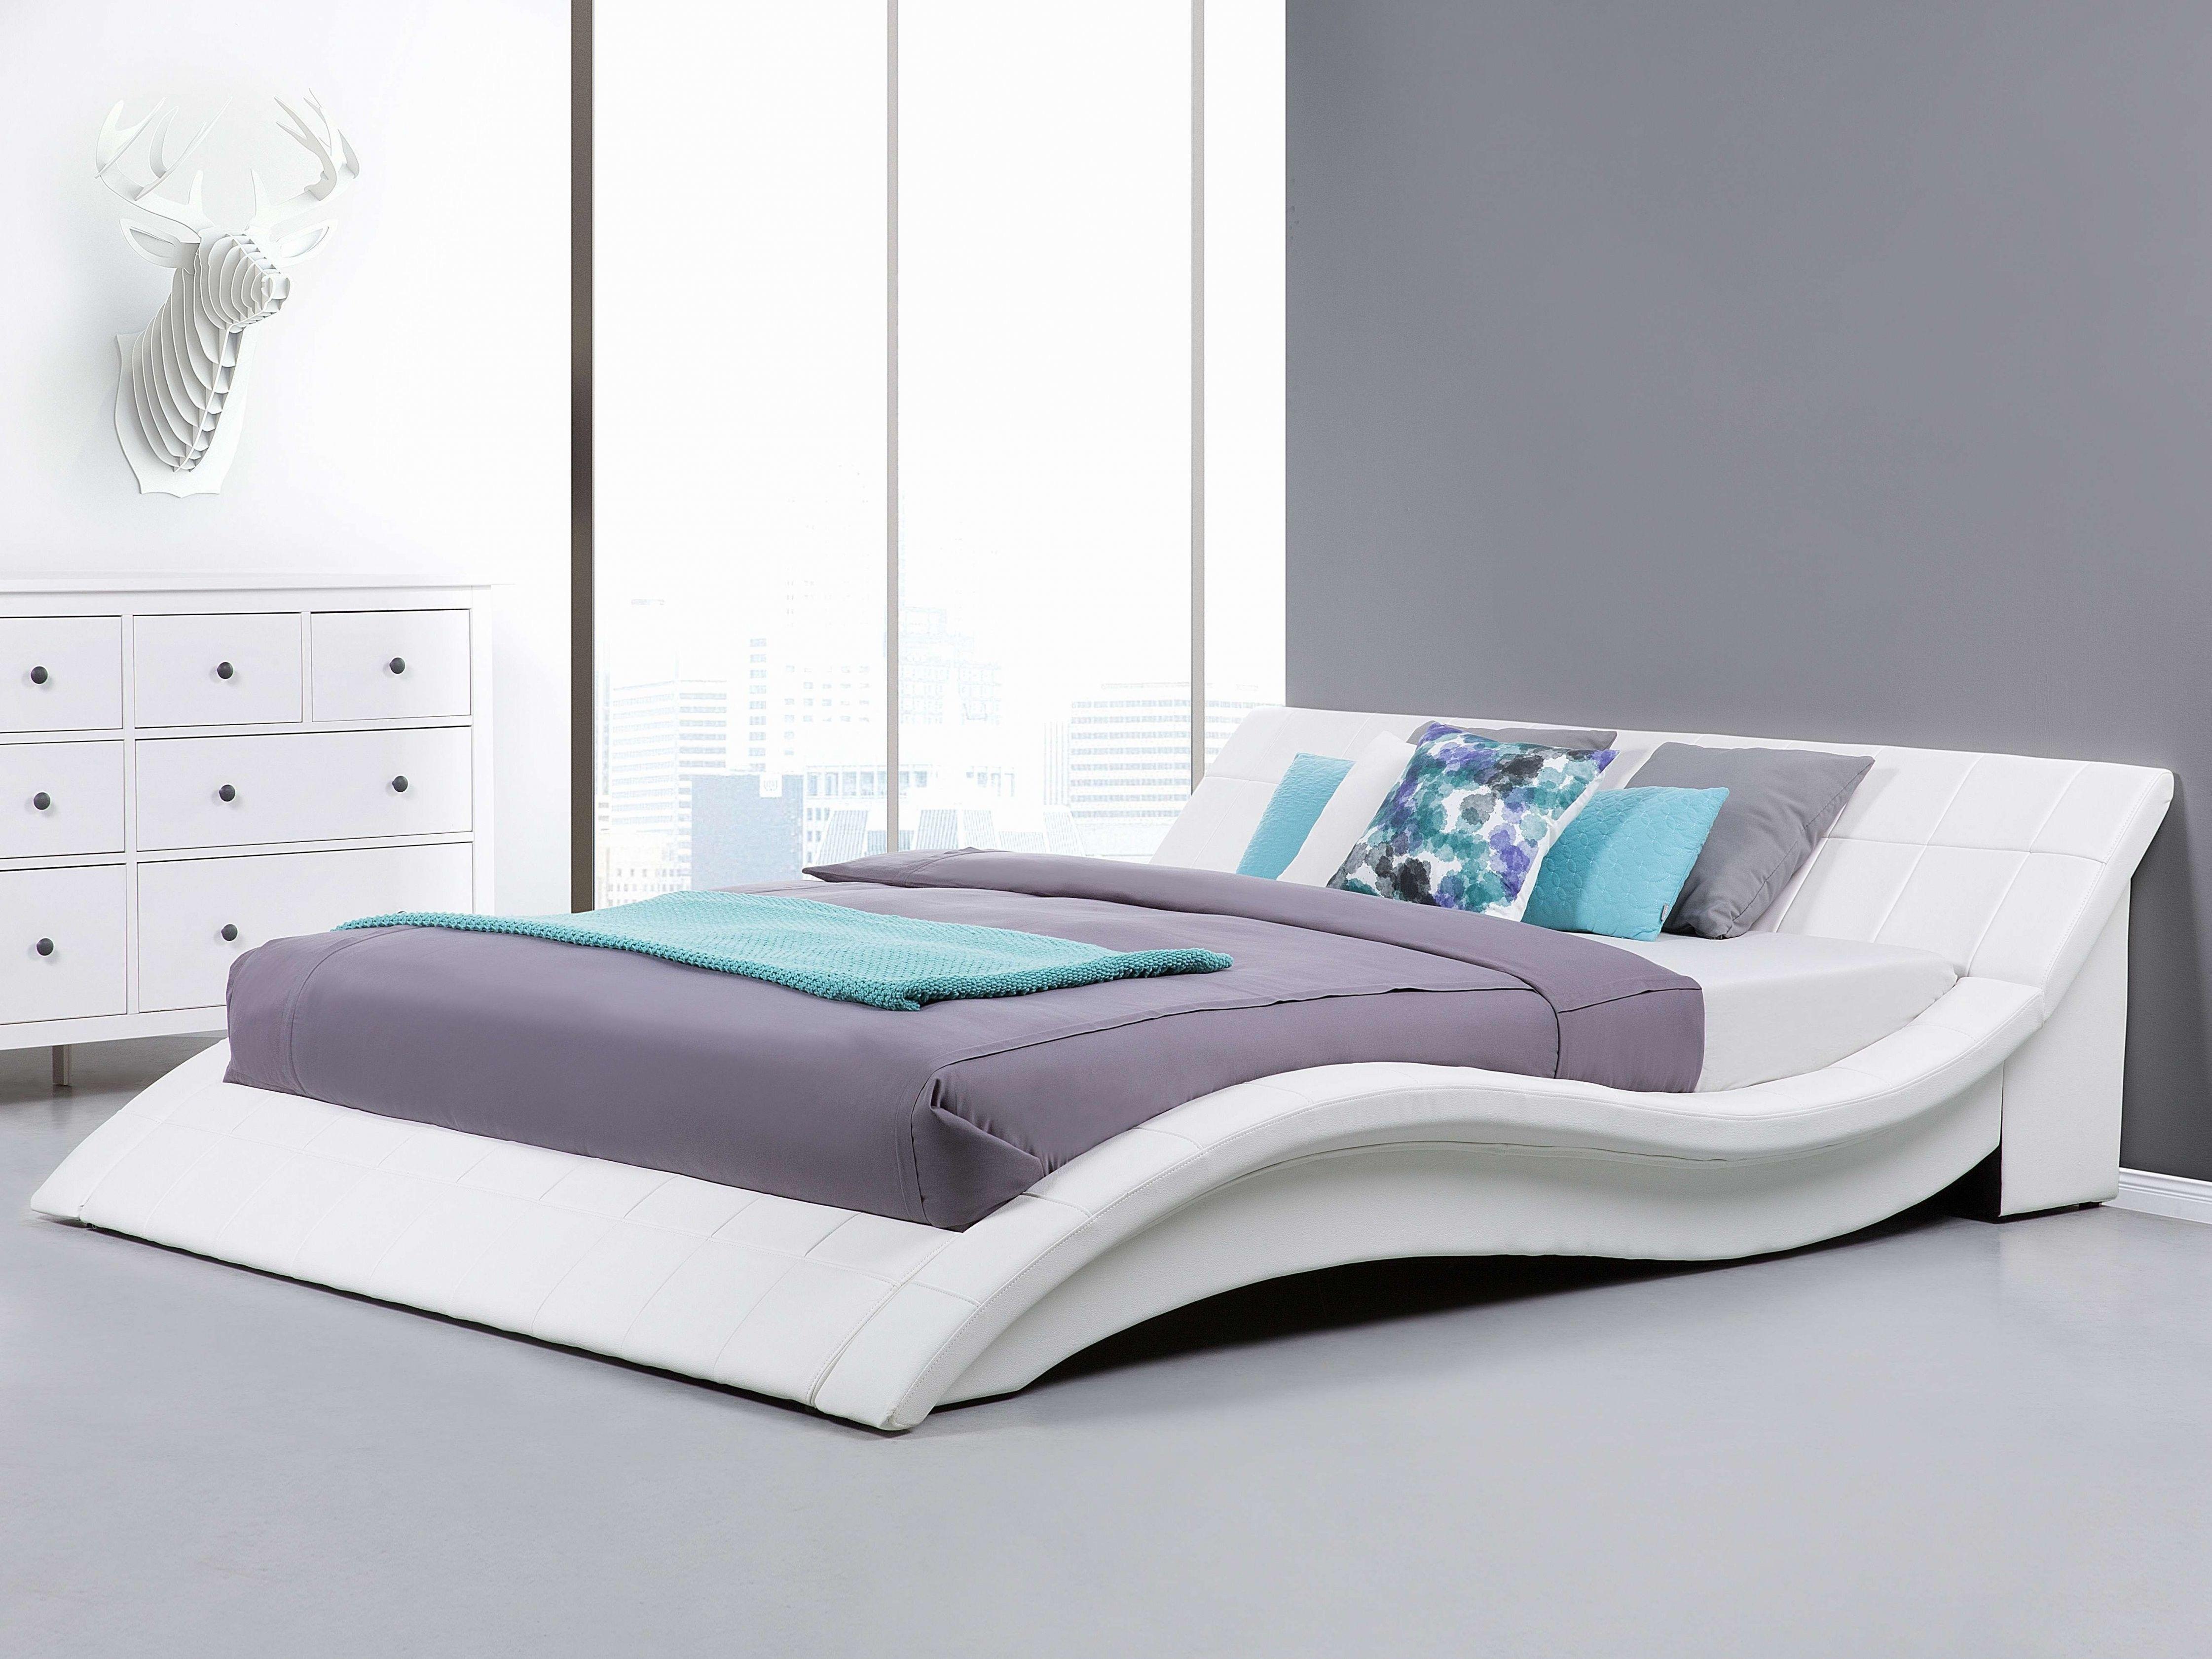 Klappbett 140 200 Ikea Neu Bett 140 200 Mit Matratze Und Lattenrost Von Bett 140x200 Mit Matratze Und Lattenrost Ikea B In 2020 Murphy Bed Modern Bedroom Furniture Bed